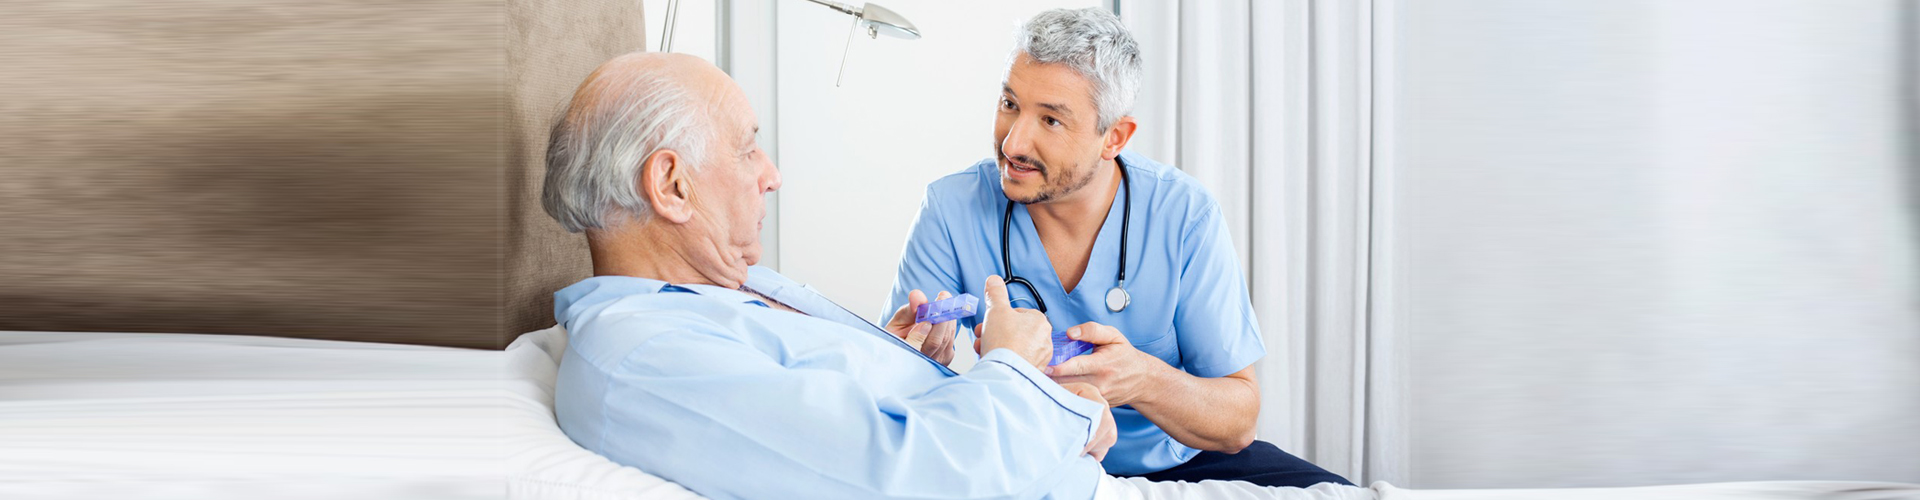 a nurse giving medicine to a senior man